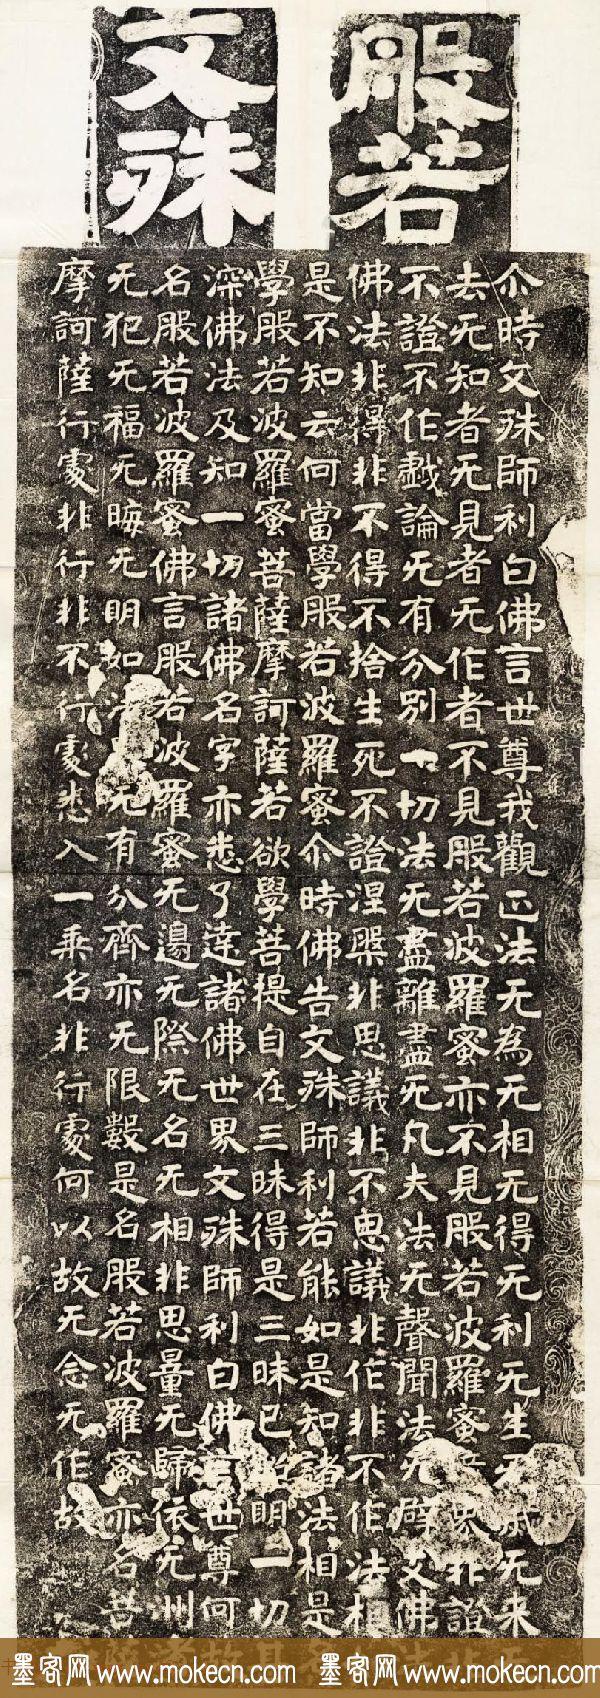 北齐书法碑刻《文殊师利般若经》全图